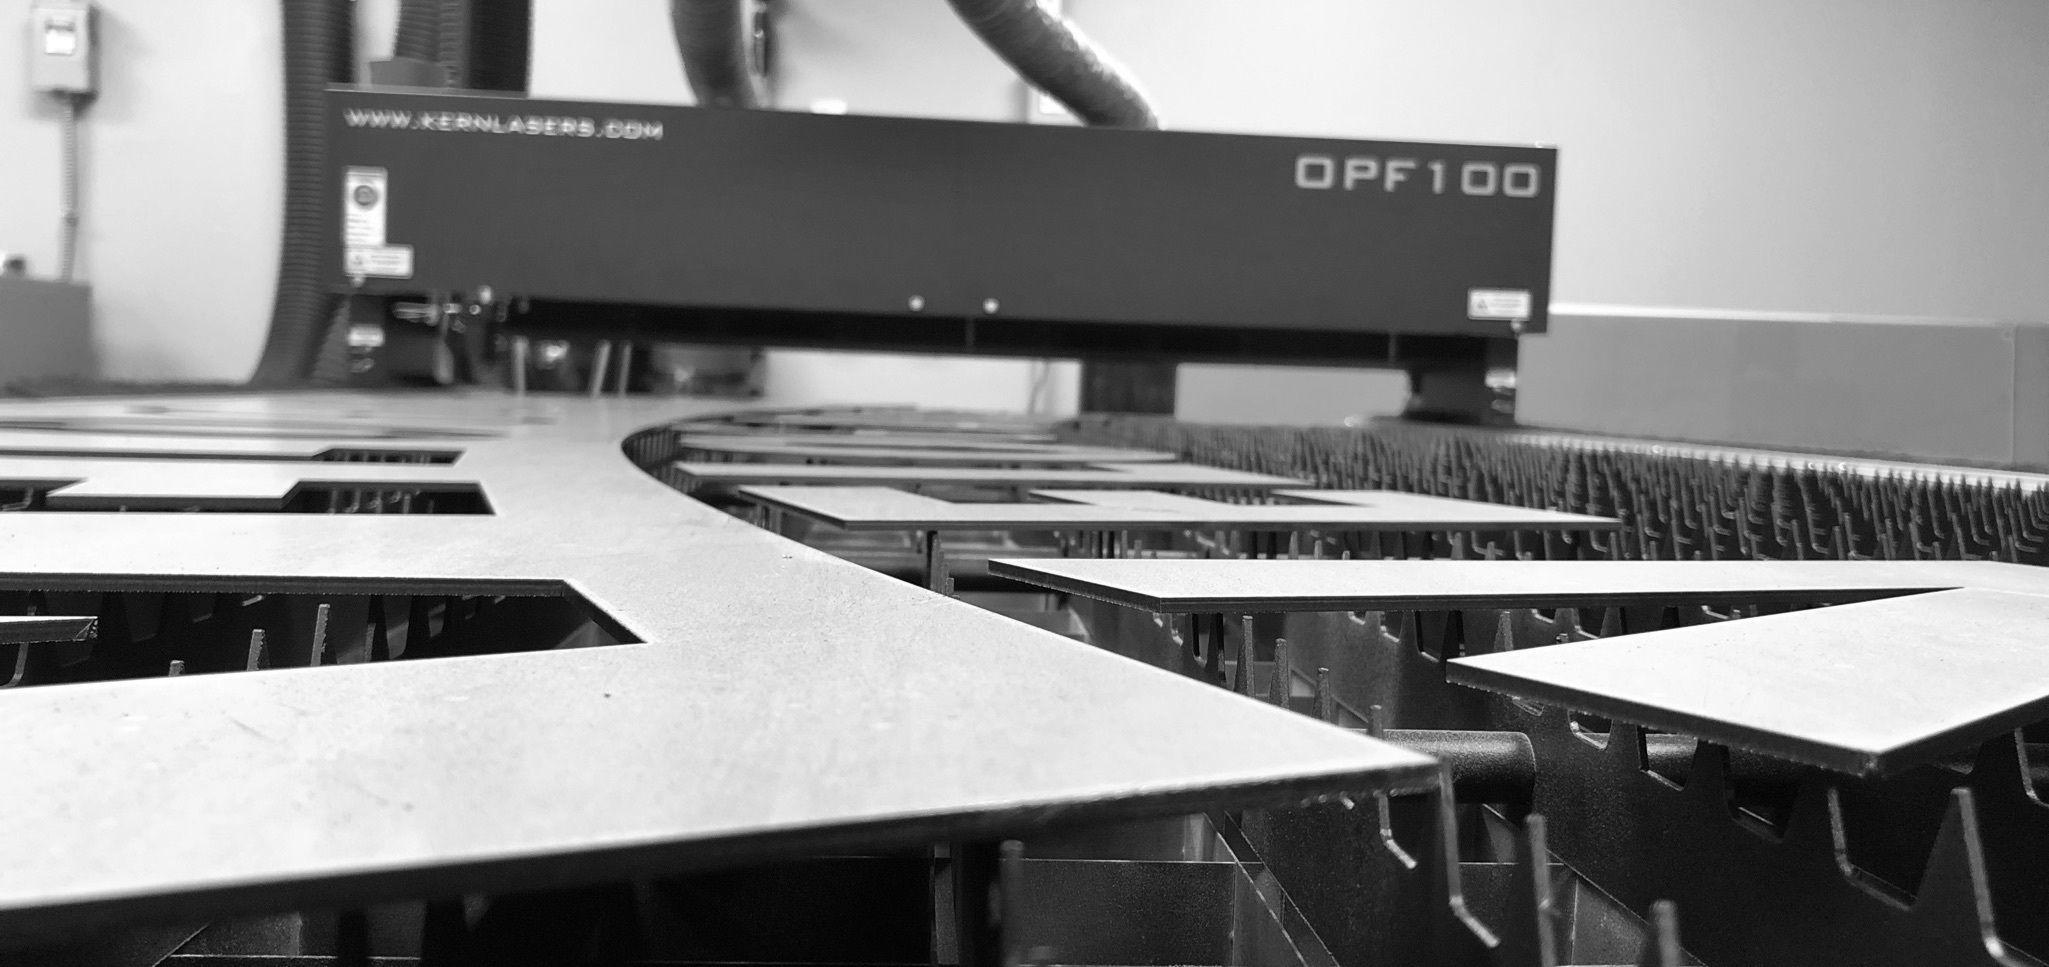 Laser Cutting & Engraving